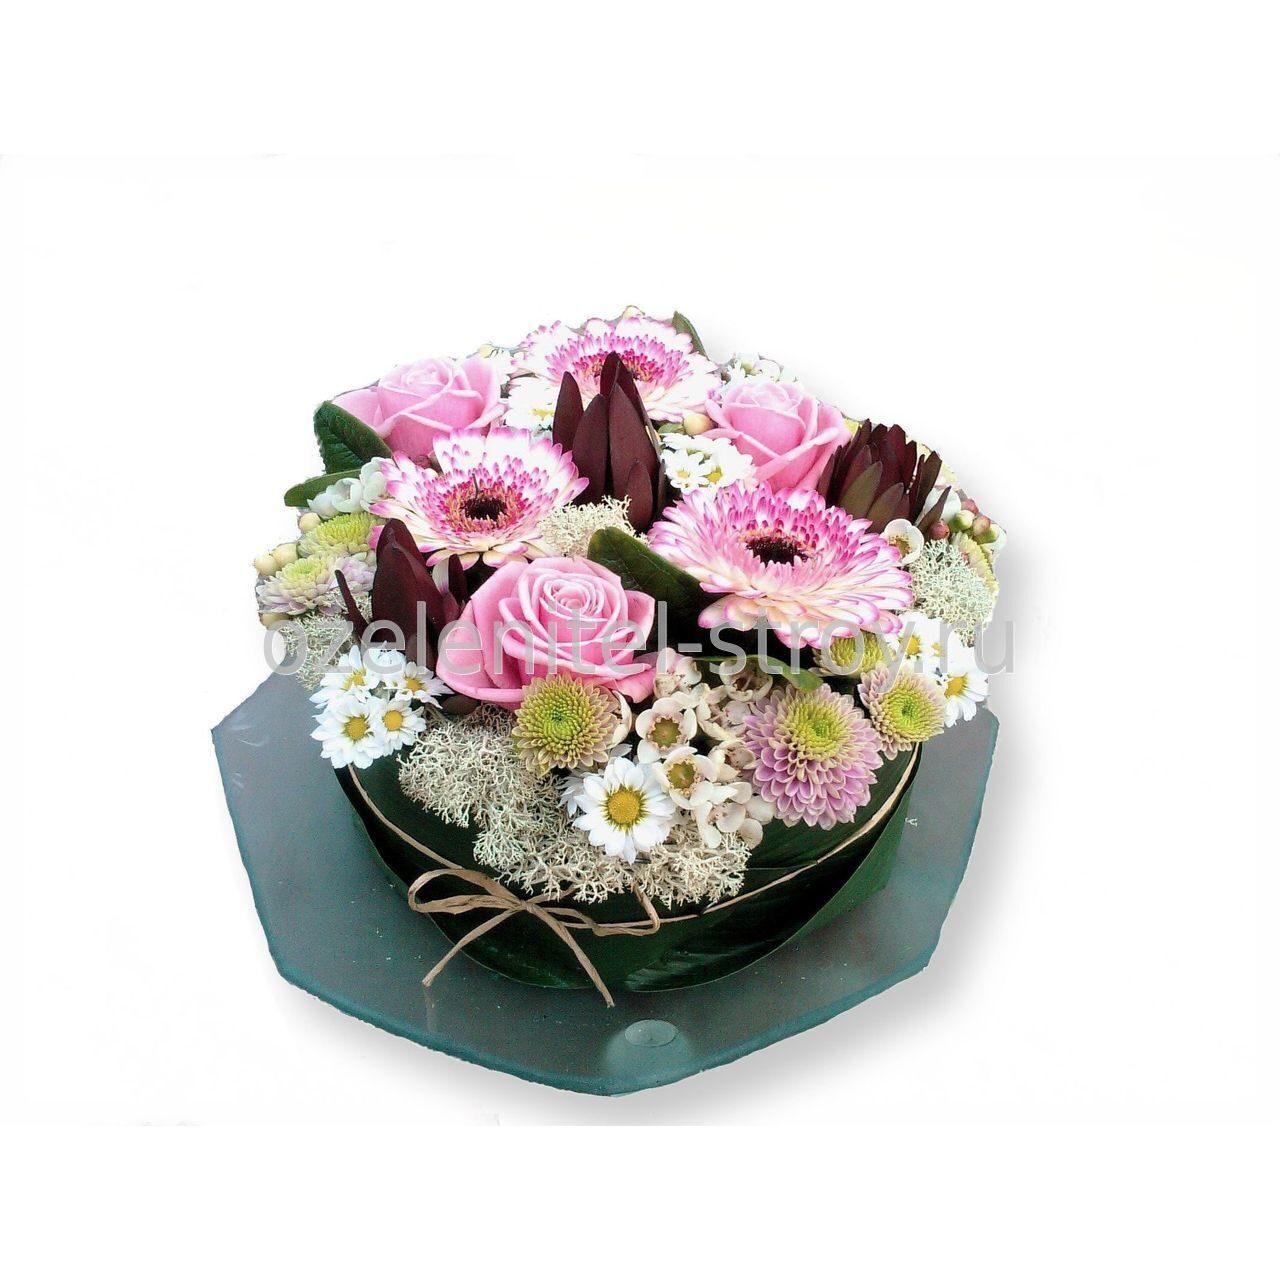 Губка флористическая OASIS - «Весна - пора цветов, ароматов 13